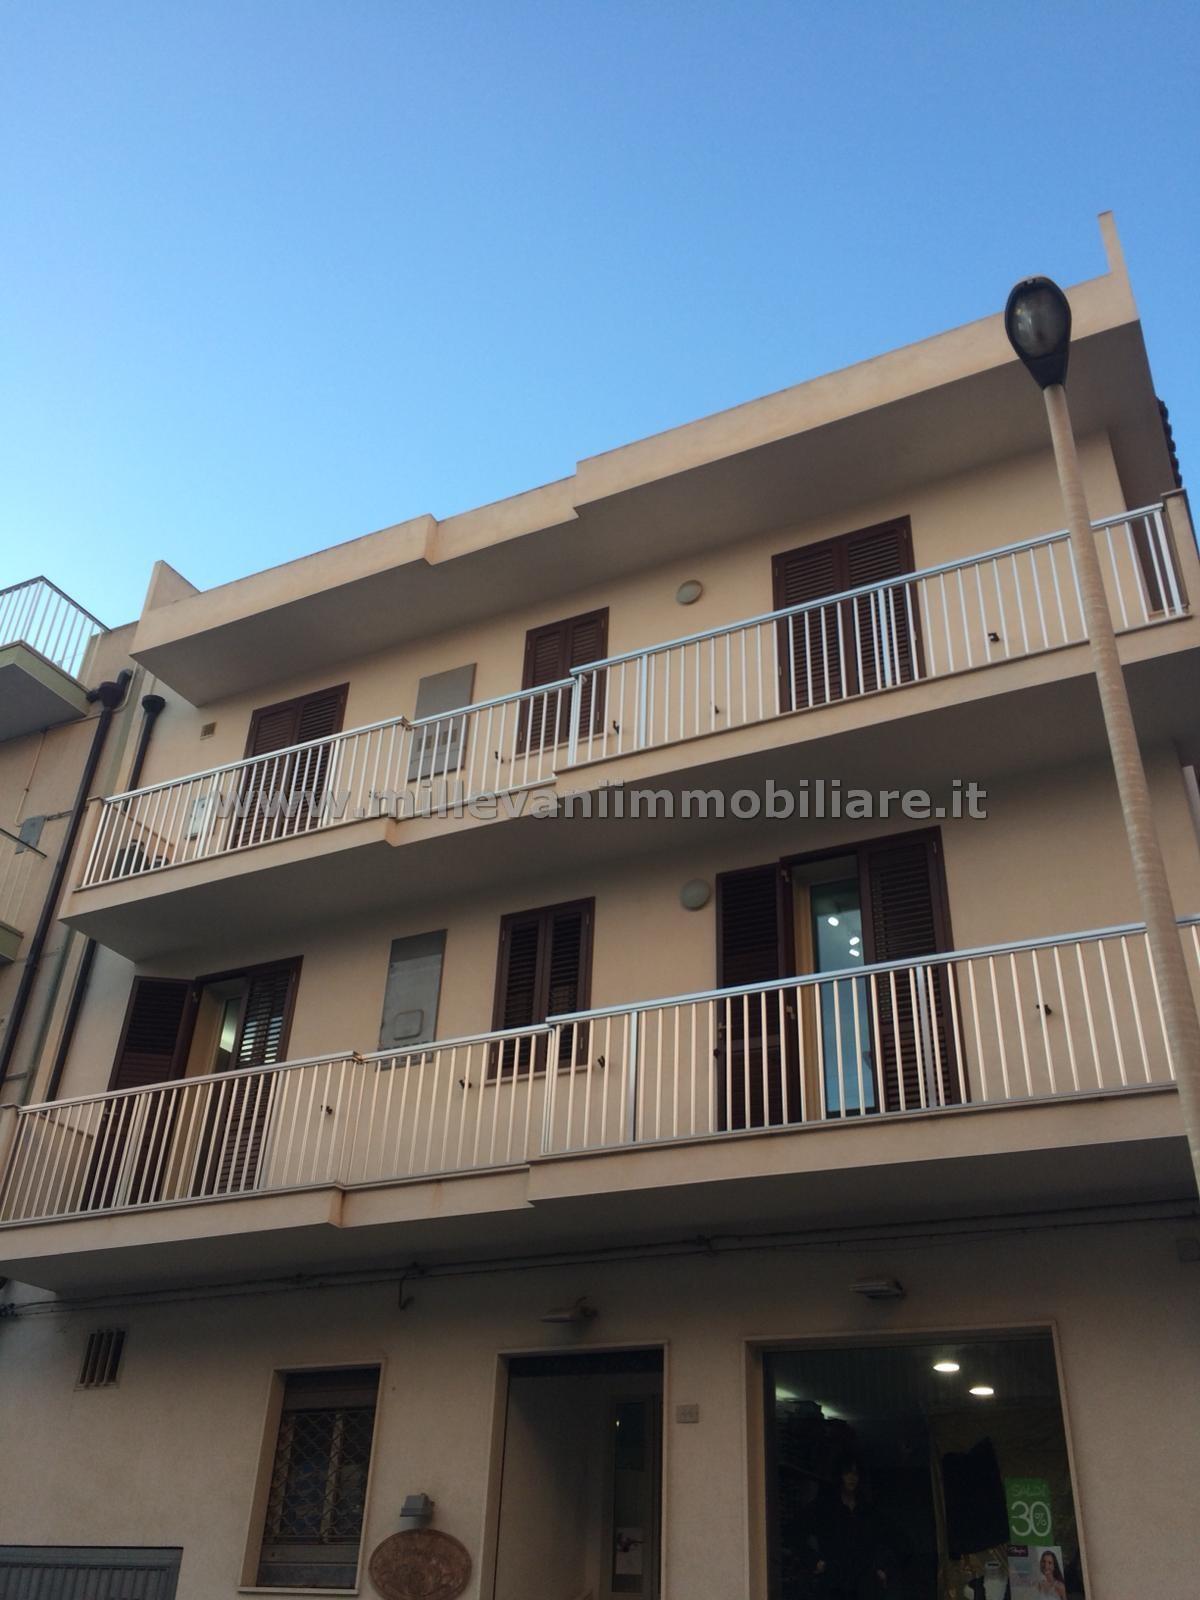 Appartamento in vendita a Pozzallo, 2 locali, zona Località: Centro, prezzo € 80.000 | CambioCasa.it